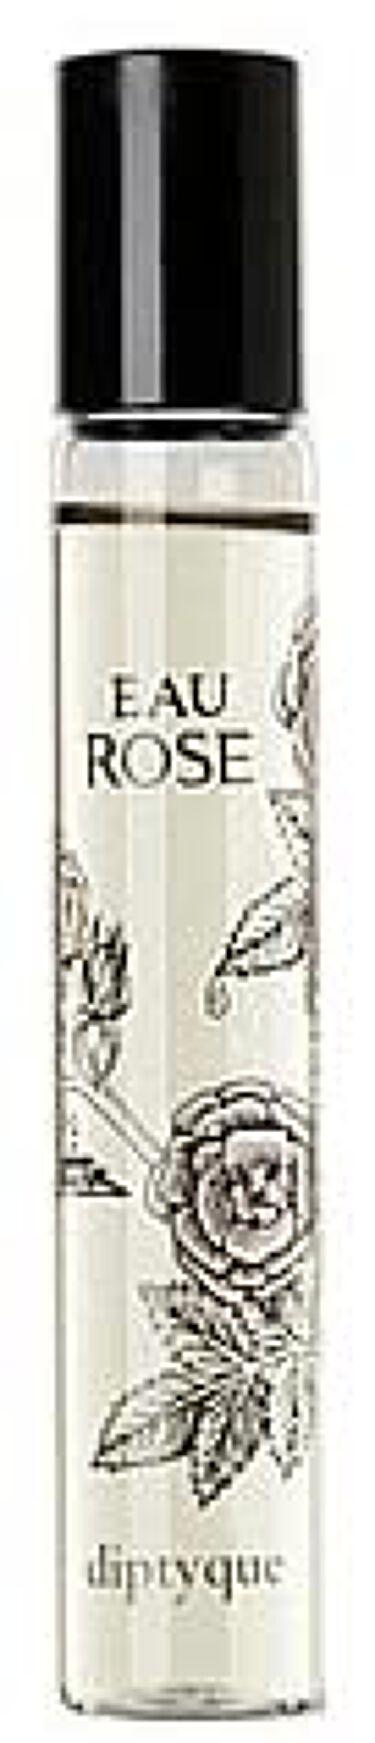 オードトワレ オーローズ(EAU ROSE) 20ml